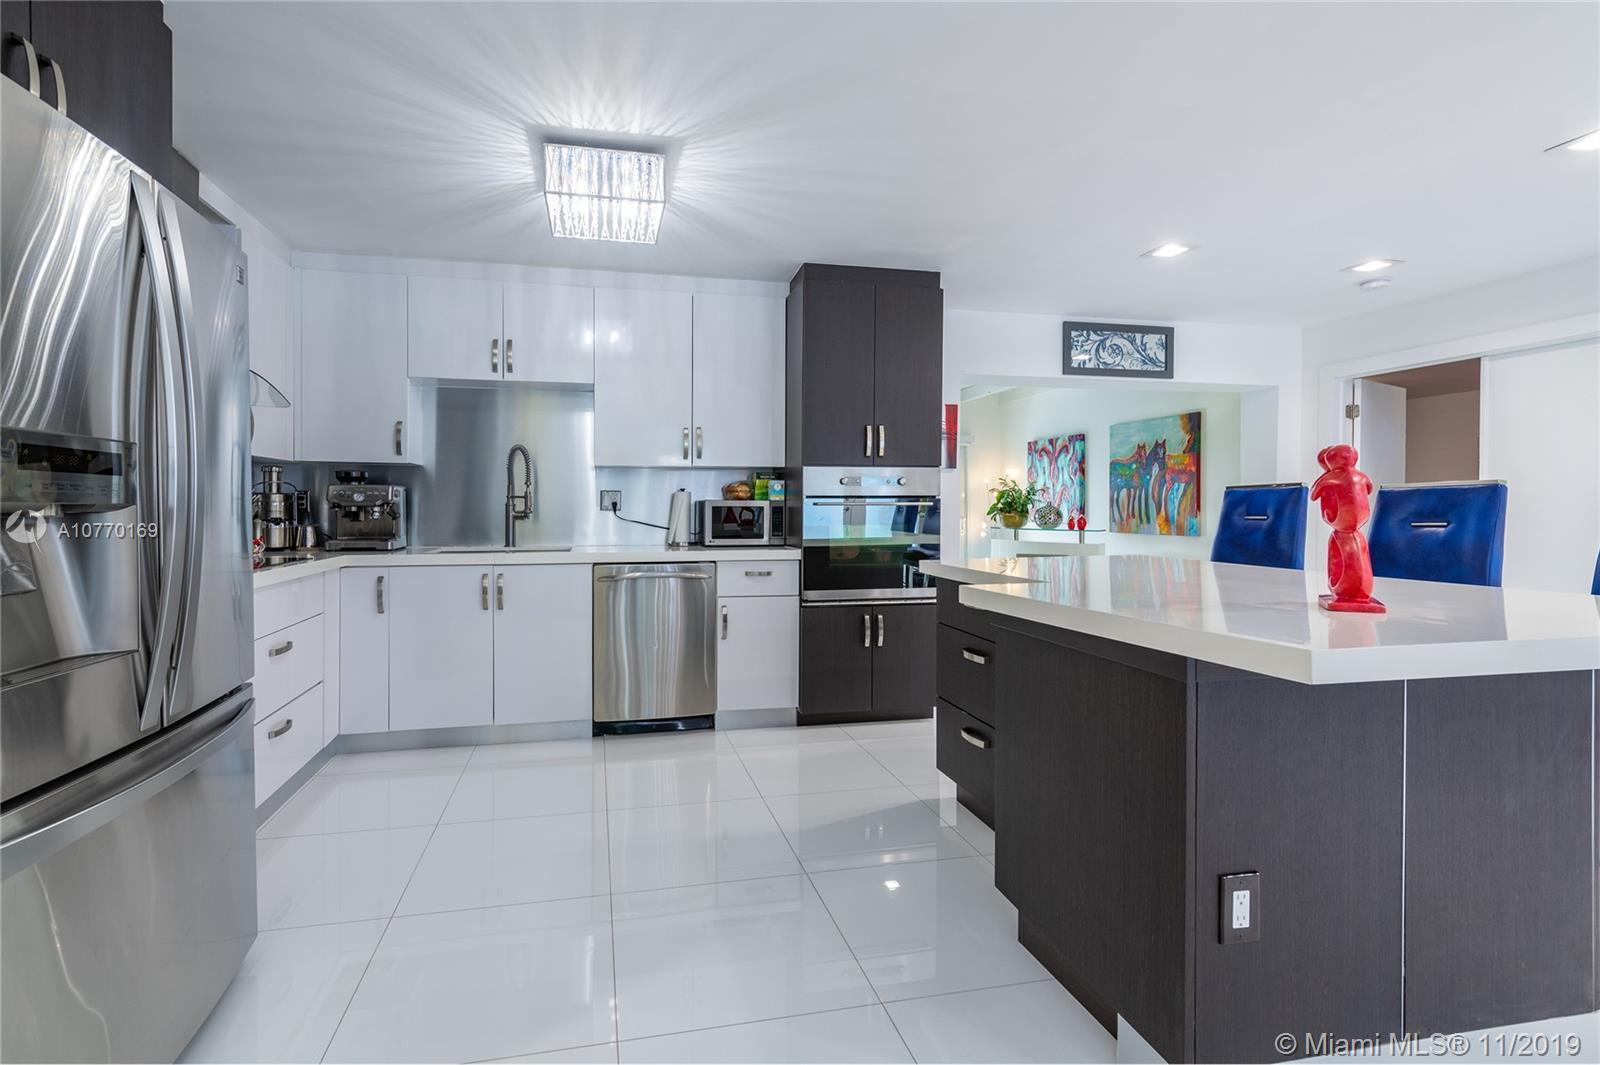 4810 SW 87th Ave, Miami, FL 33165 - Miami, FL real estate listing